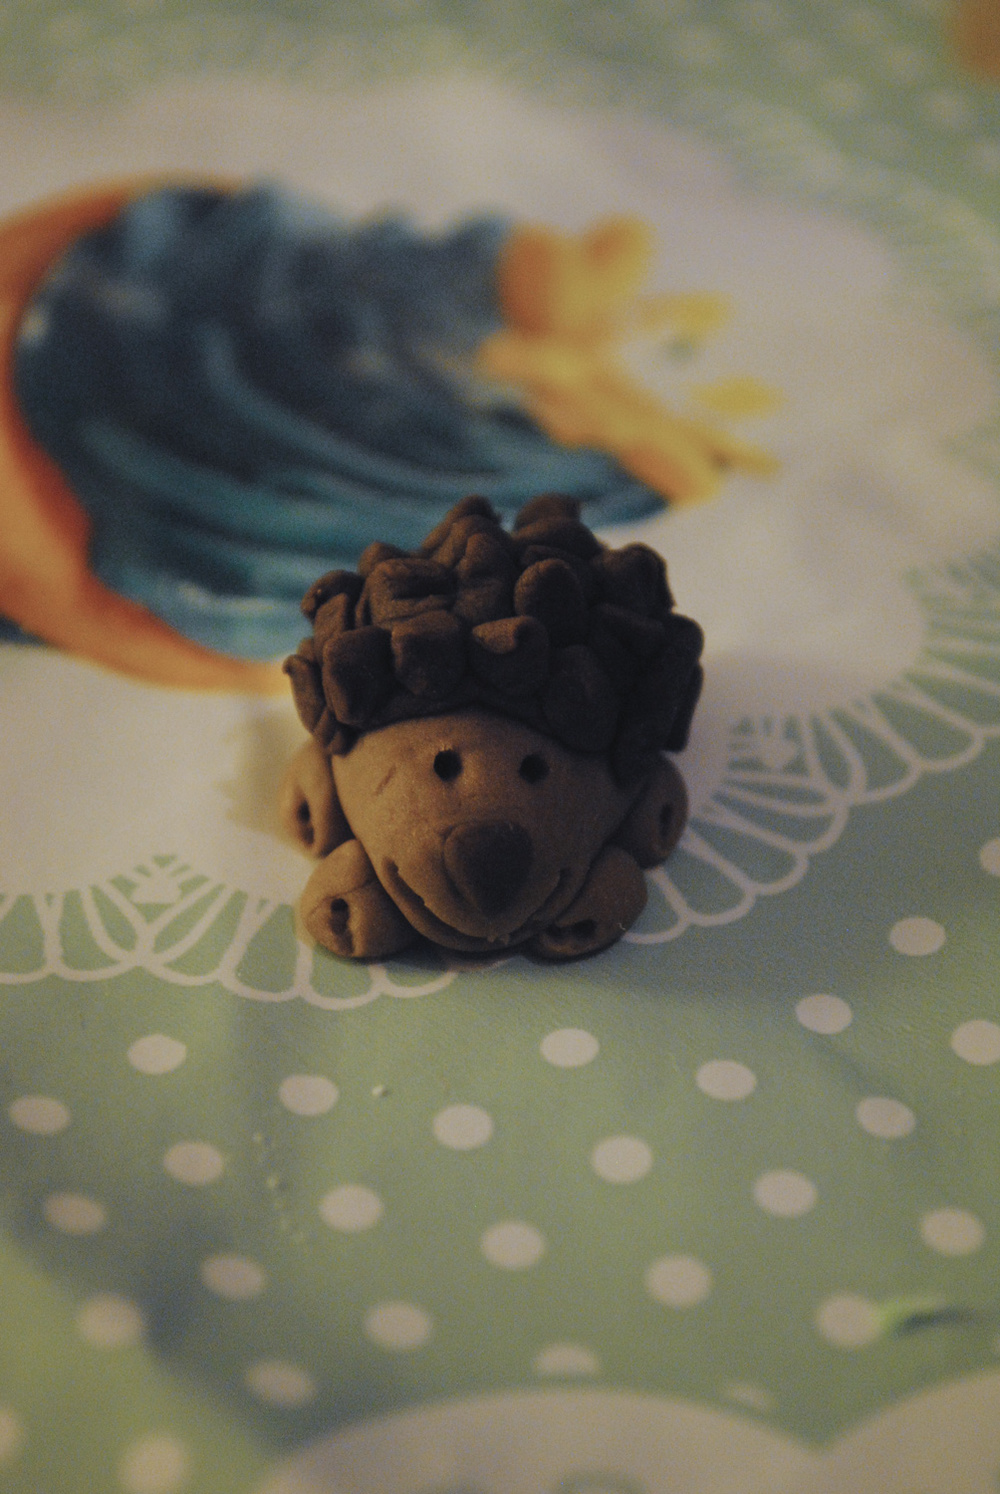 A happy halficing hedgehog